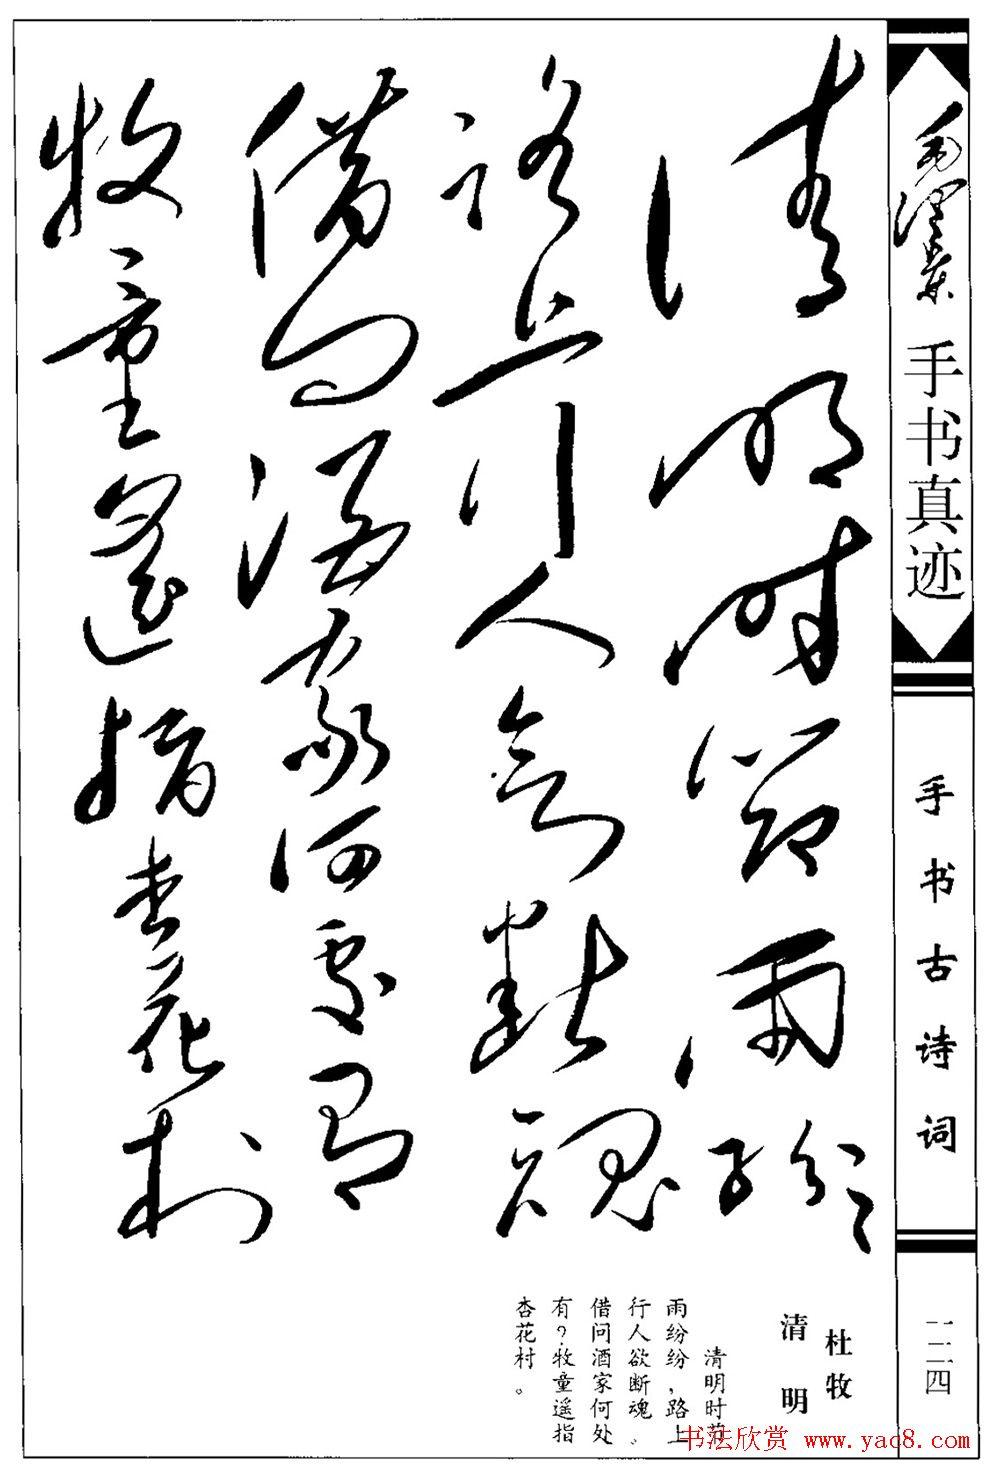 毛泽东书杜牧诗《清明》